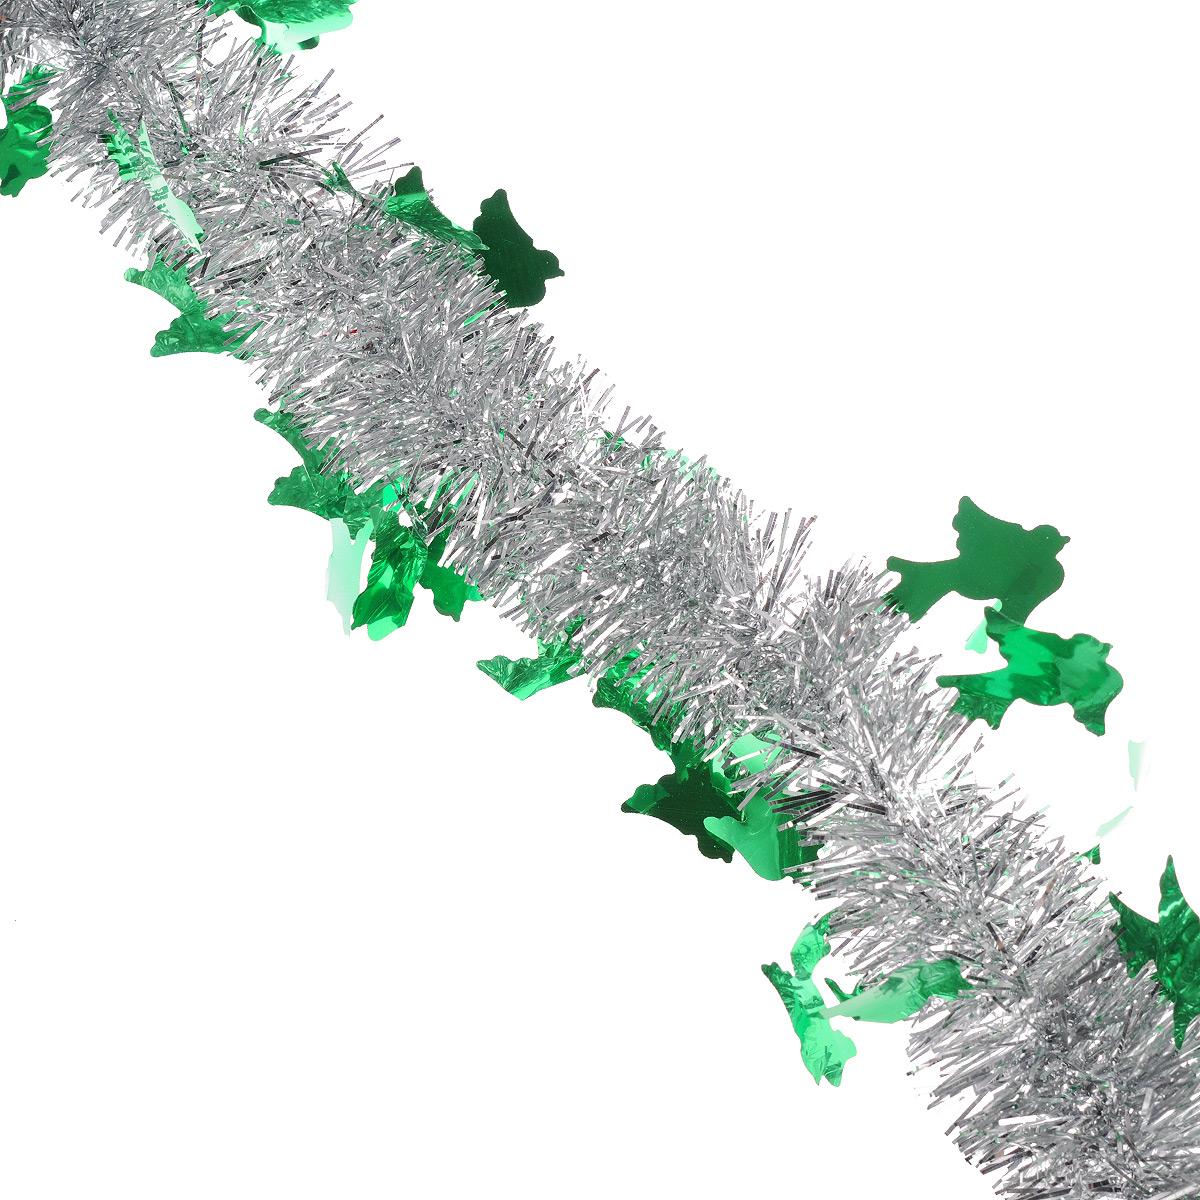 Мишура новогодняя Sima-land, цвет: серебристый, зеленый, диаметр 5 см, длина 2 м. 702618702618Мишура новогодняя Sima-land, выполненная из двухцветной фольги, поможет вам украсить свой дом к предстоящим праздникам. Мишура армирована, то есть имеет проволоку внутри и способна сохранять приданную ей форму.Новогодняя елка с таким украшением станет еще наряднее. Новогодней мишурой можно украсить все, что угодно - елку, квартиру, дачу, офис - как внутри, так и снаружи. Можно сложить новогодние поздравления, буквы и цифры, мишурой можно украсить и дополнить гирлянды, можно выделить дверные колонны, оплести дверные проемы. Коллекция декоративных украшений из серии Зимнее волшебство принесет в ваш дом ни с чем несравнимое ощущение праздника! Создайте в своем доме атмосферу тепла, веселья и радости, украшая его всей семьей.